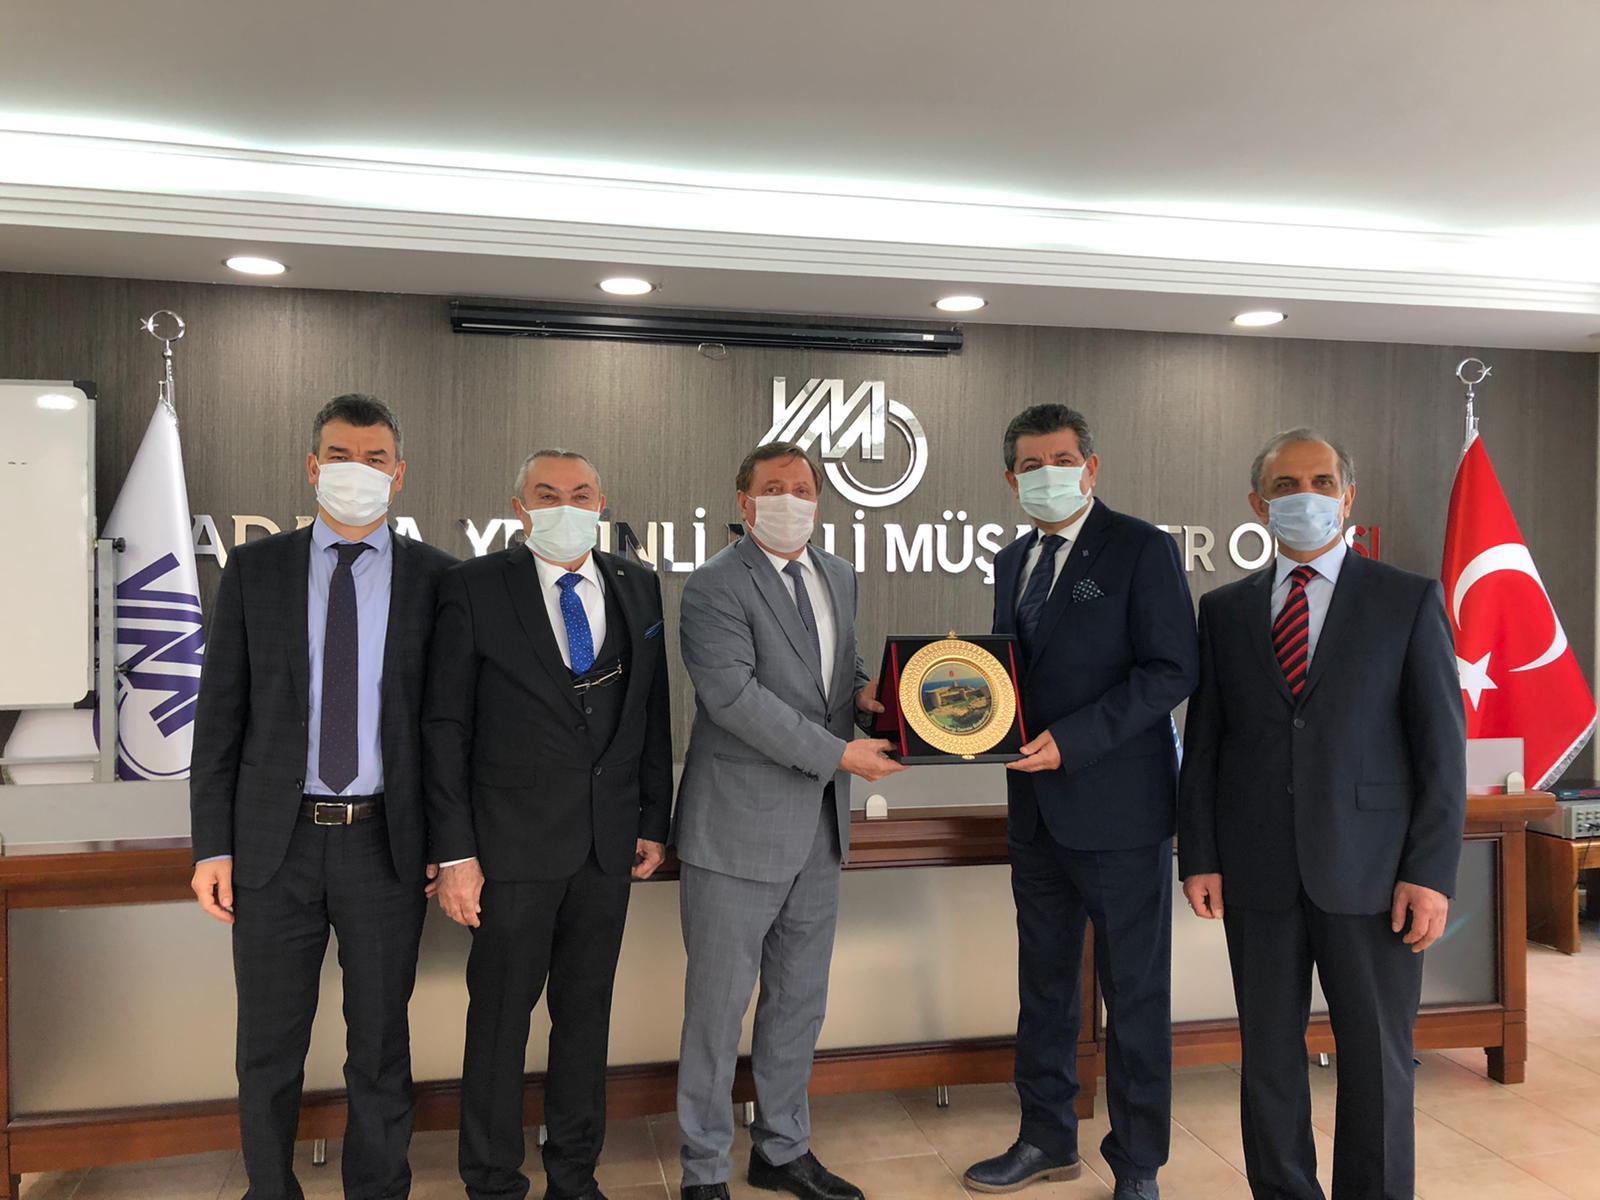 Mersin Vergi Dairesi Başkanı Seyfettin BAYSAL Odamızı ziyaret etmiştir.10.03.2021